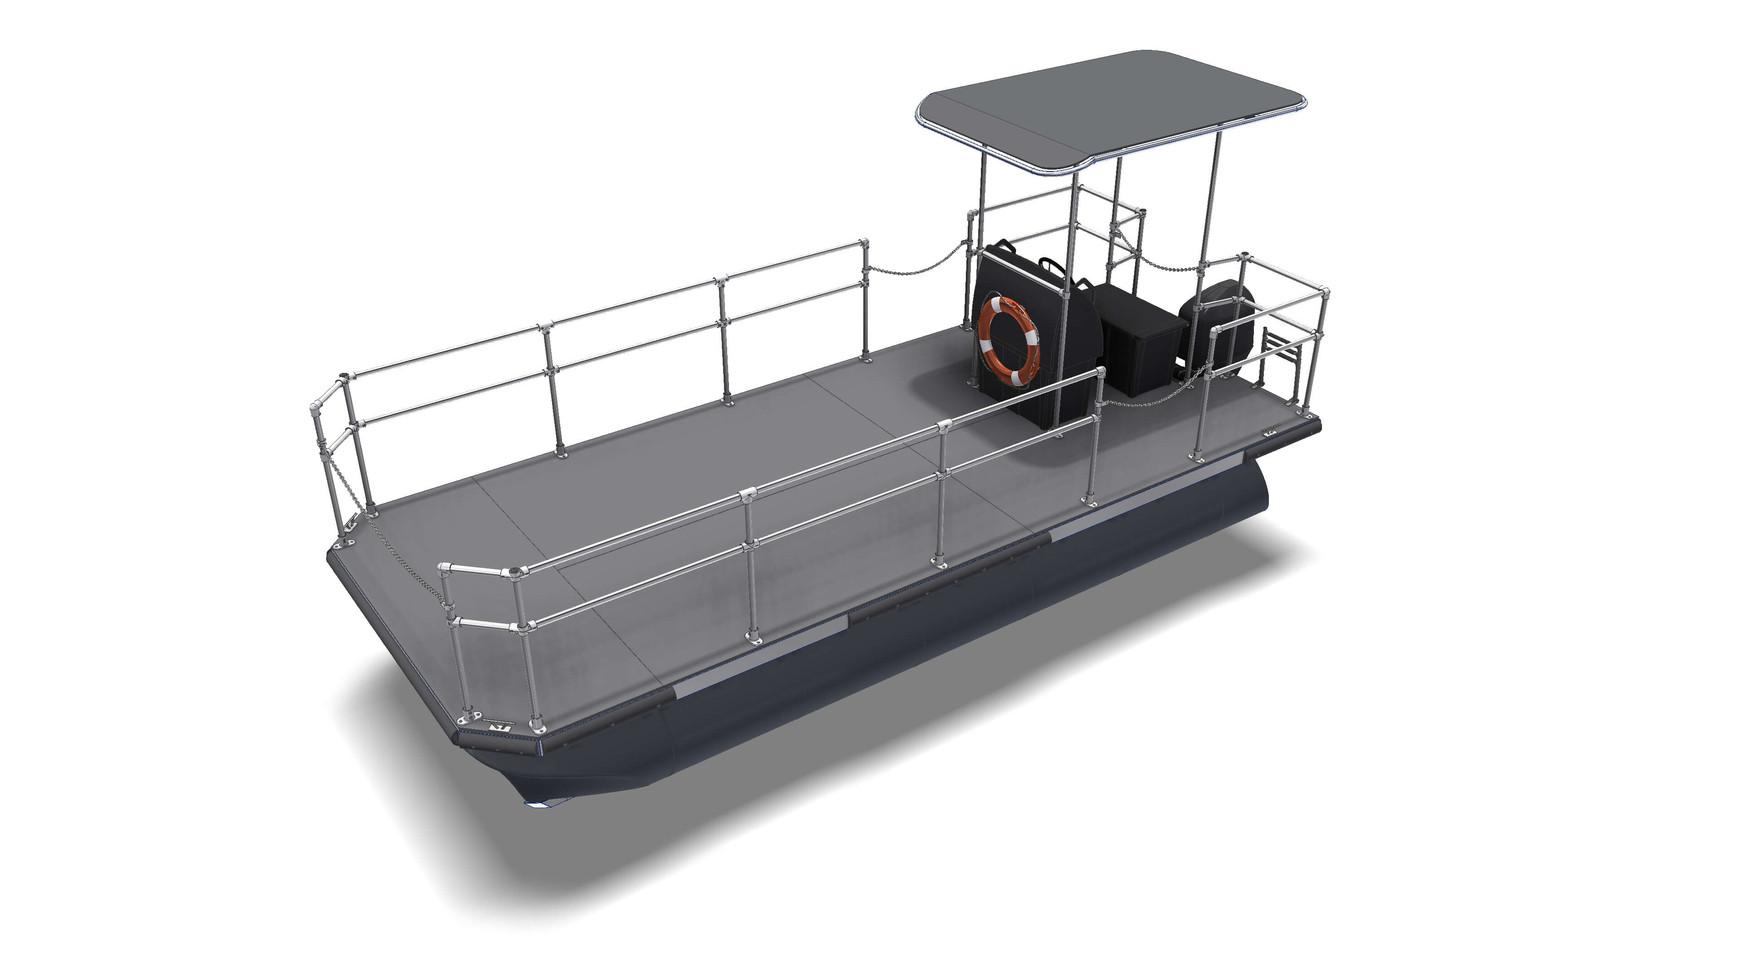 5,8m x 2,45m catamaran canvas